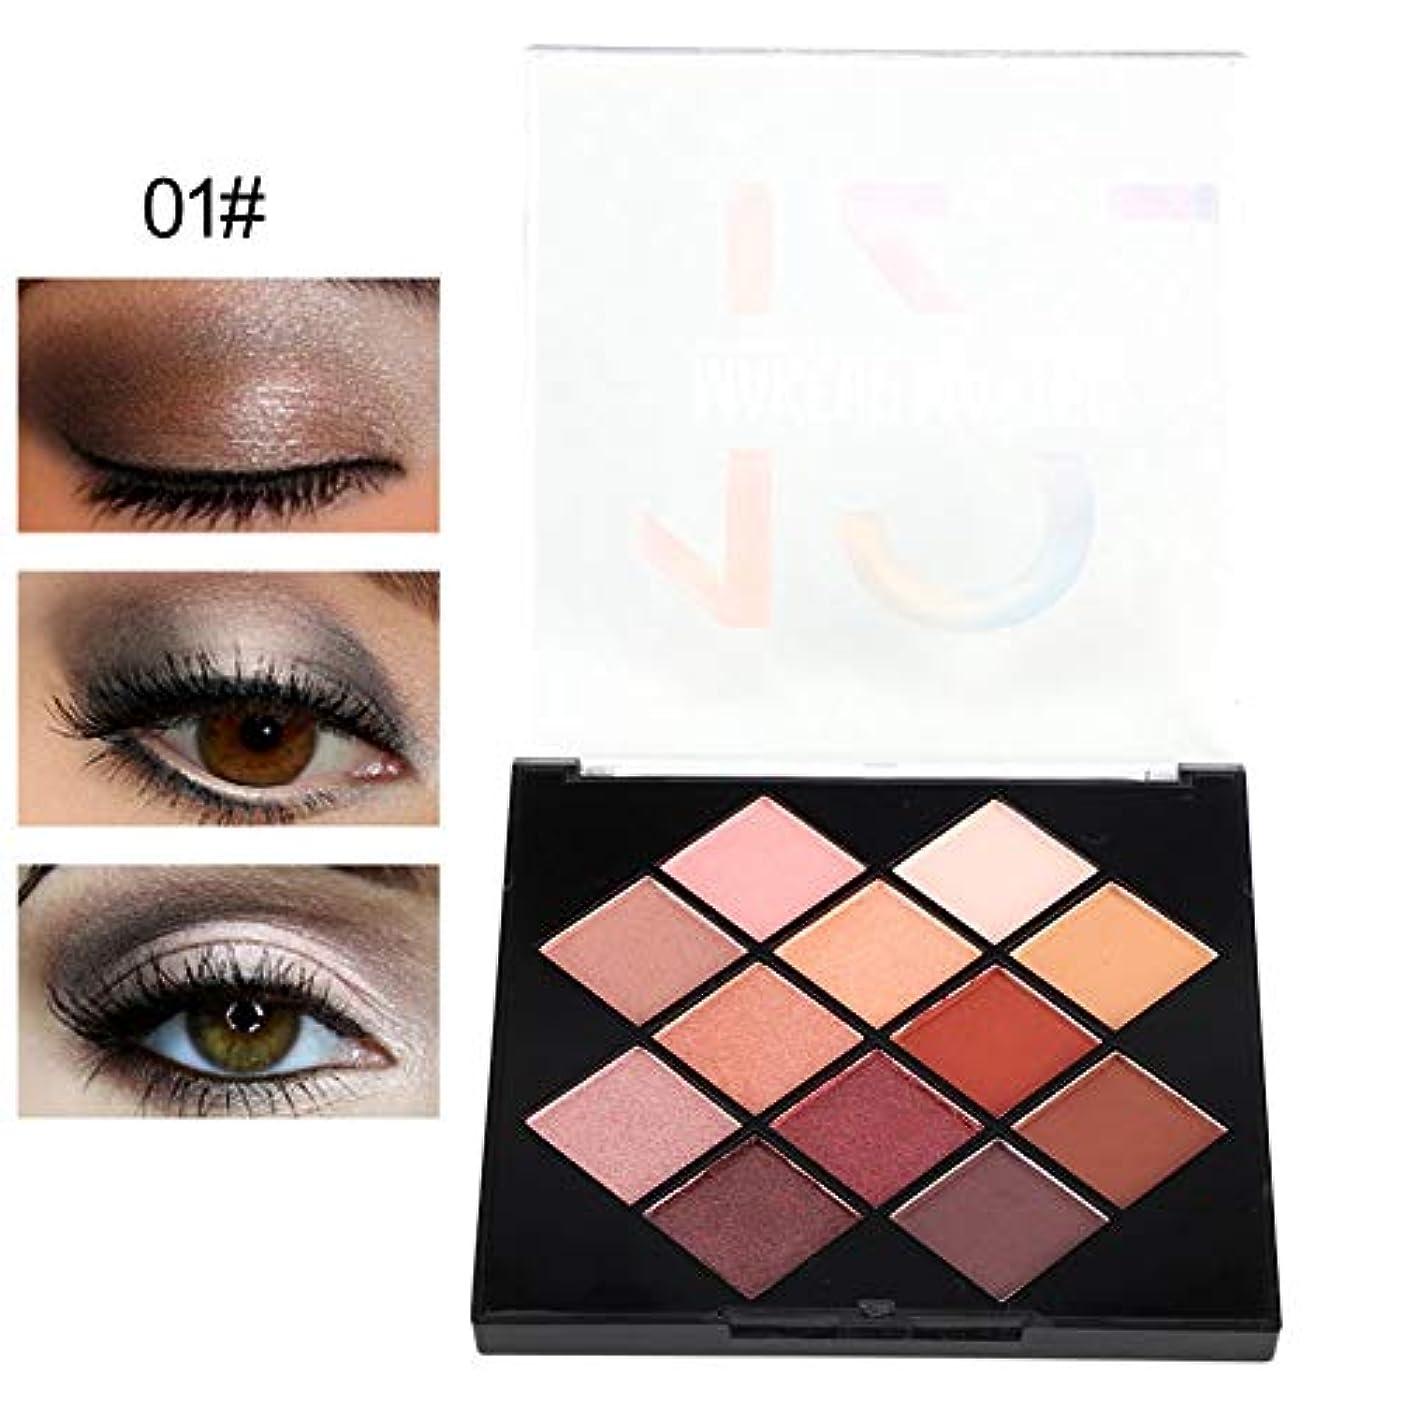 有名人段階ベースアイシャドウパレット 12色 化粧マット 化粧品ツール グロス アイシャドウパウダー (01)